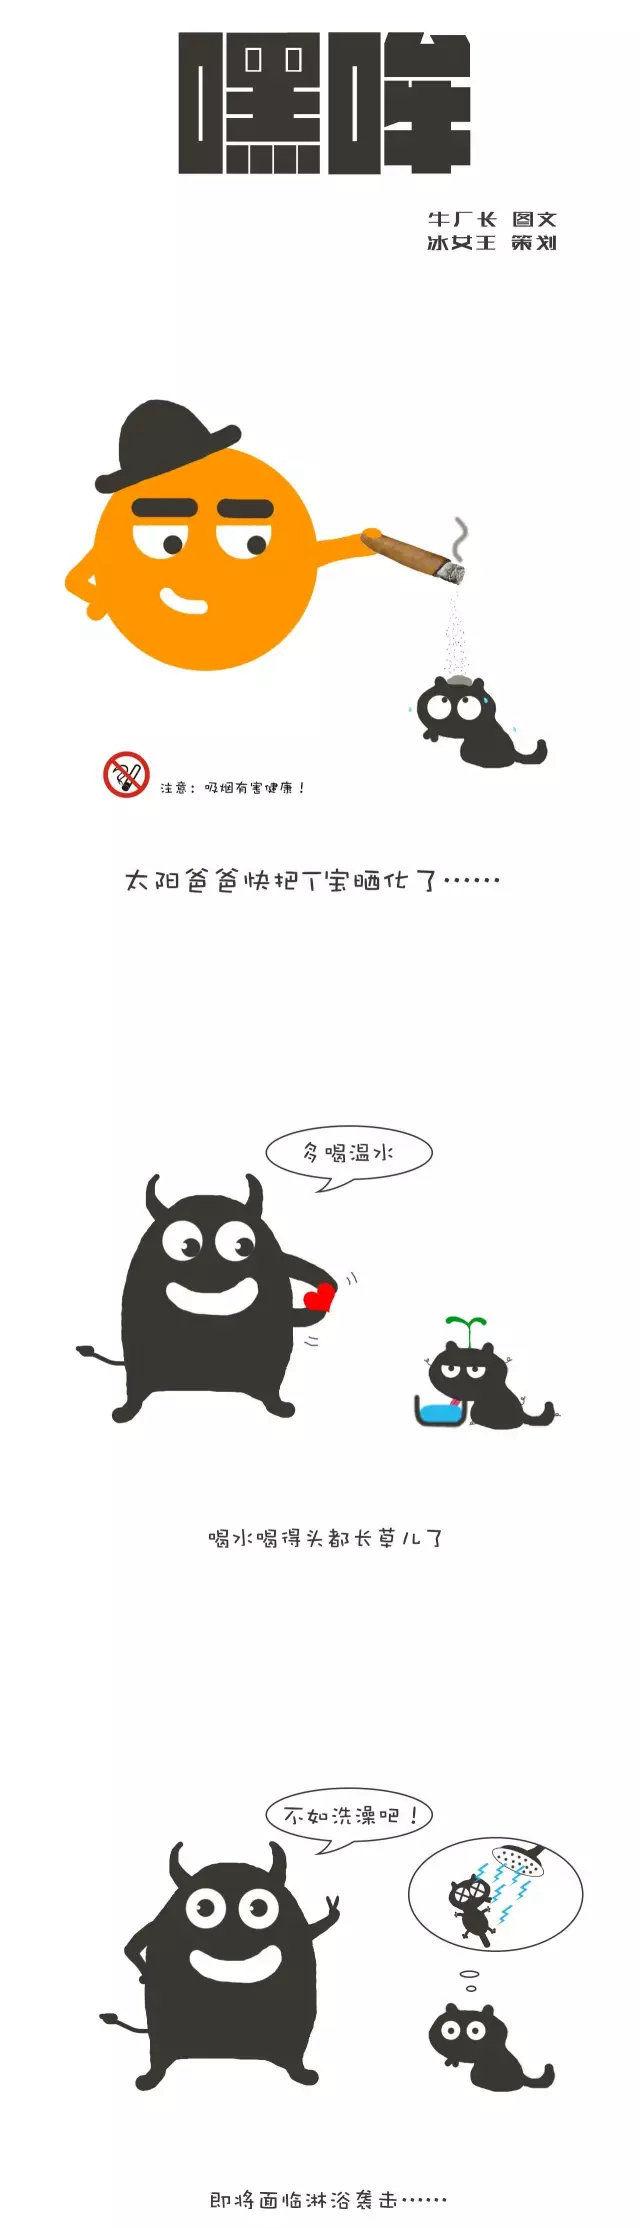 牛厂长漫画:没有洗澡就没有伤害……冰工厂1.webp